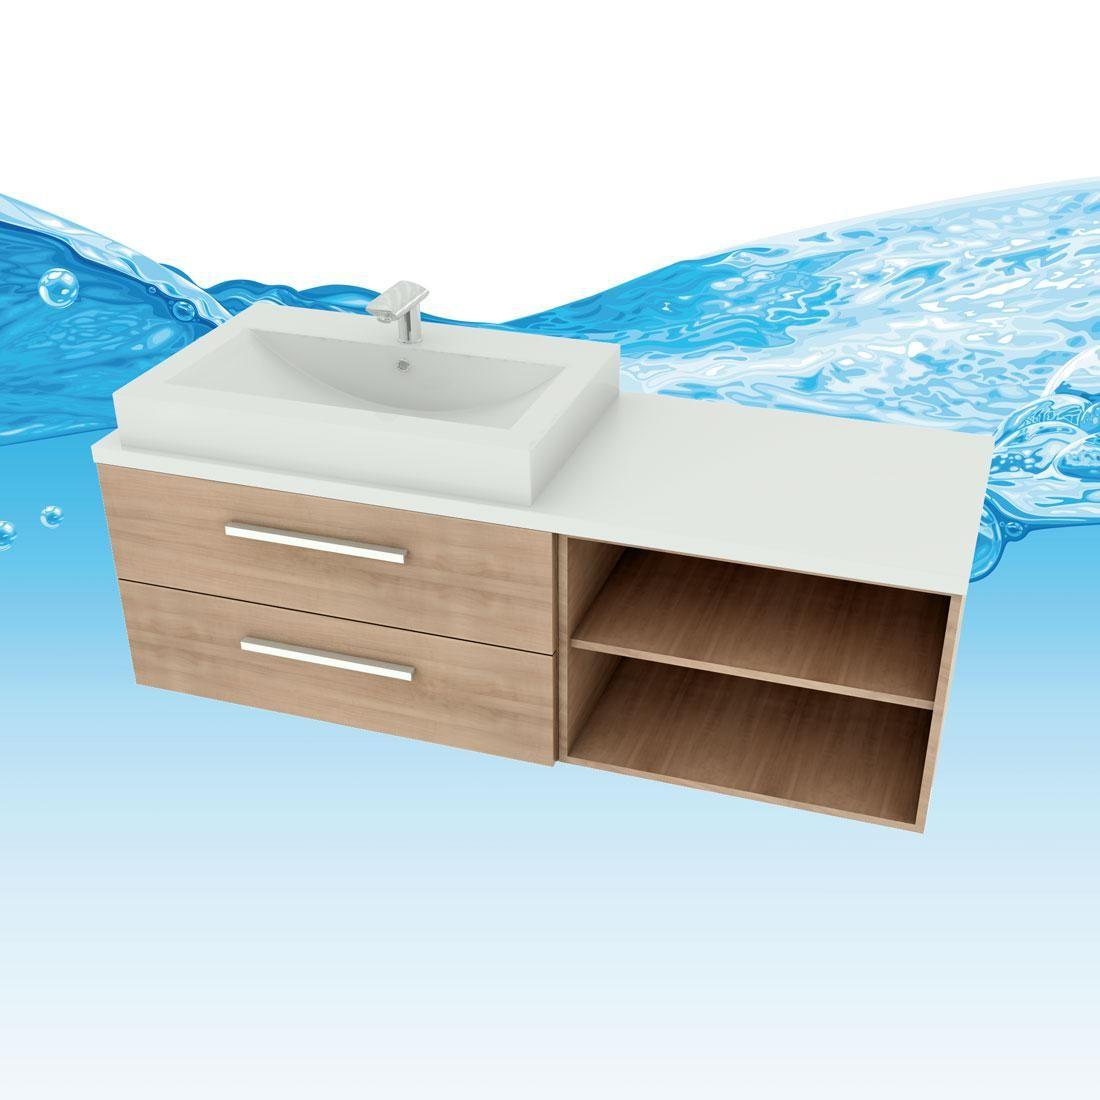 Ideen Waschbeckenunterschrank Selber Bauen